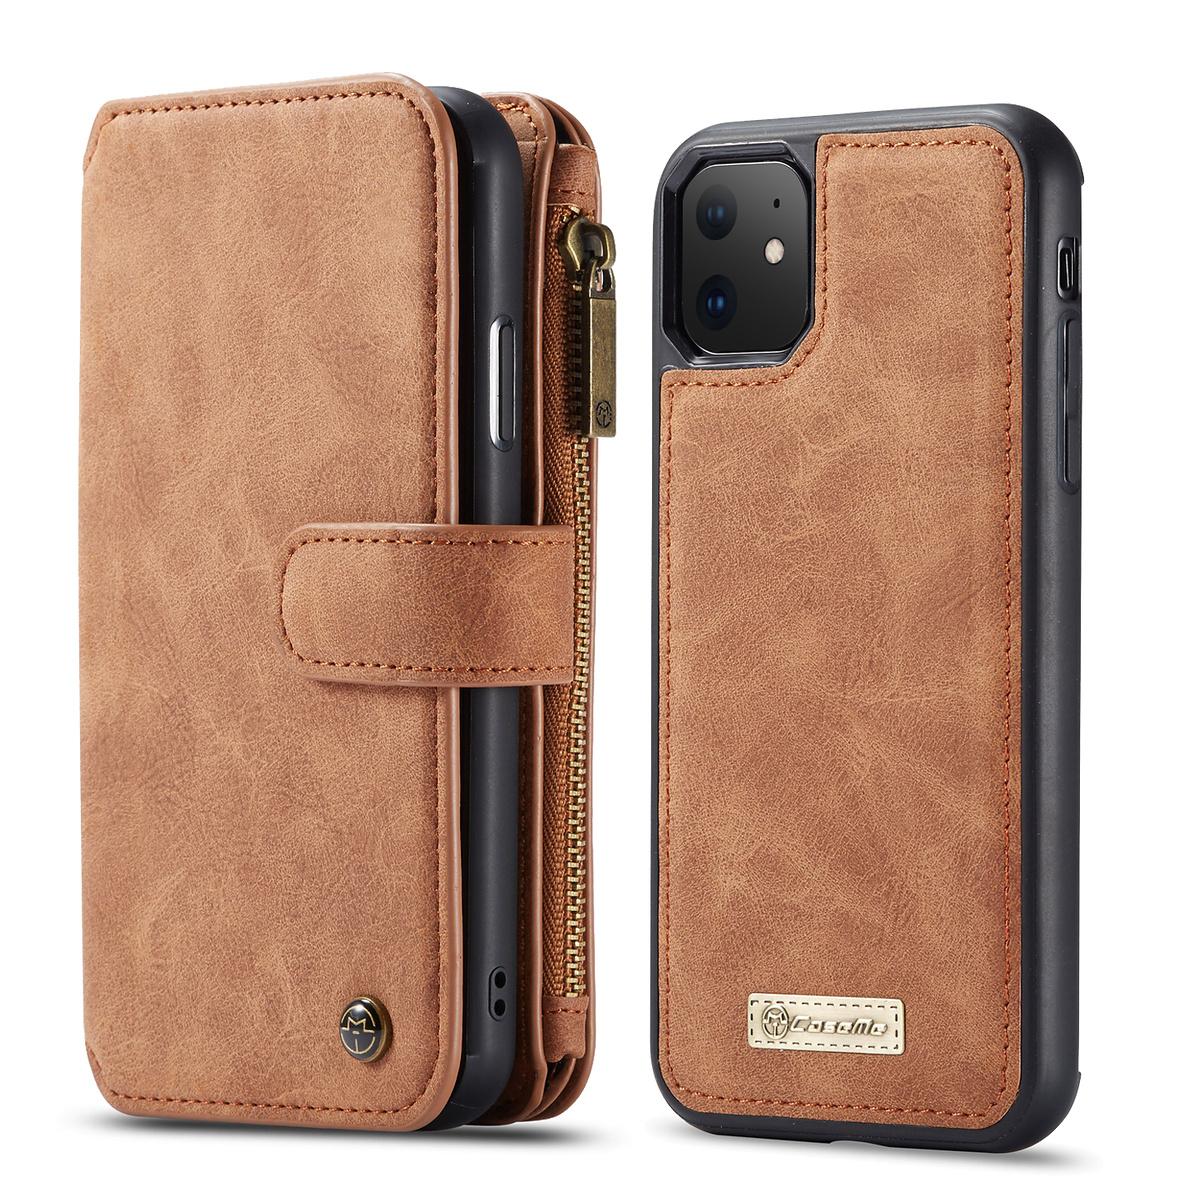 CaseMe plånboksfodral med magnetskal till iPhone 11, brun